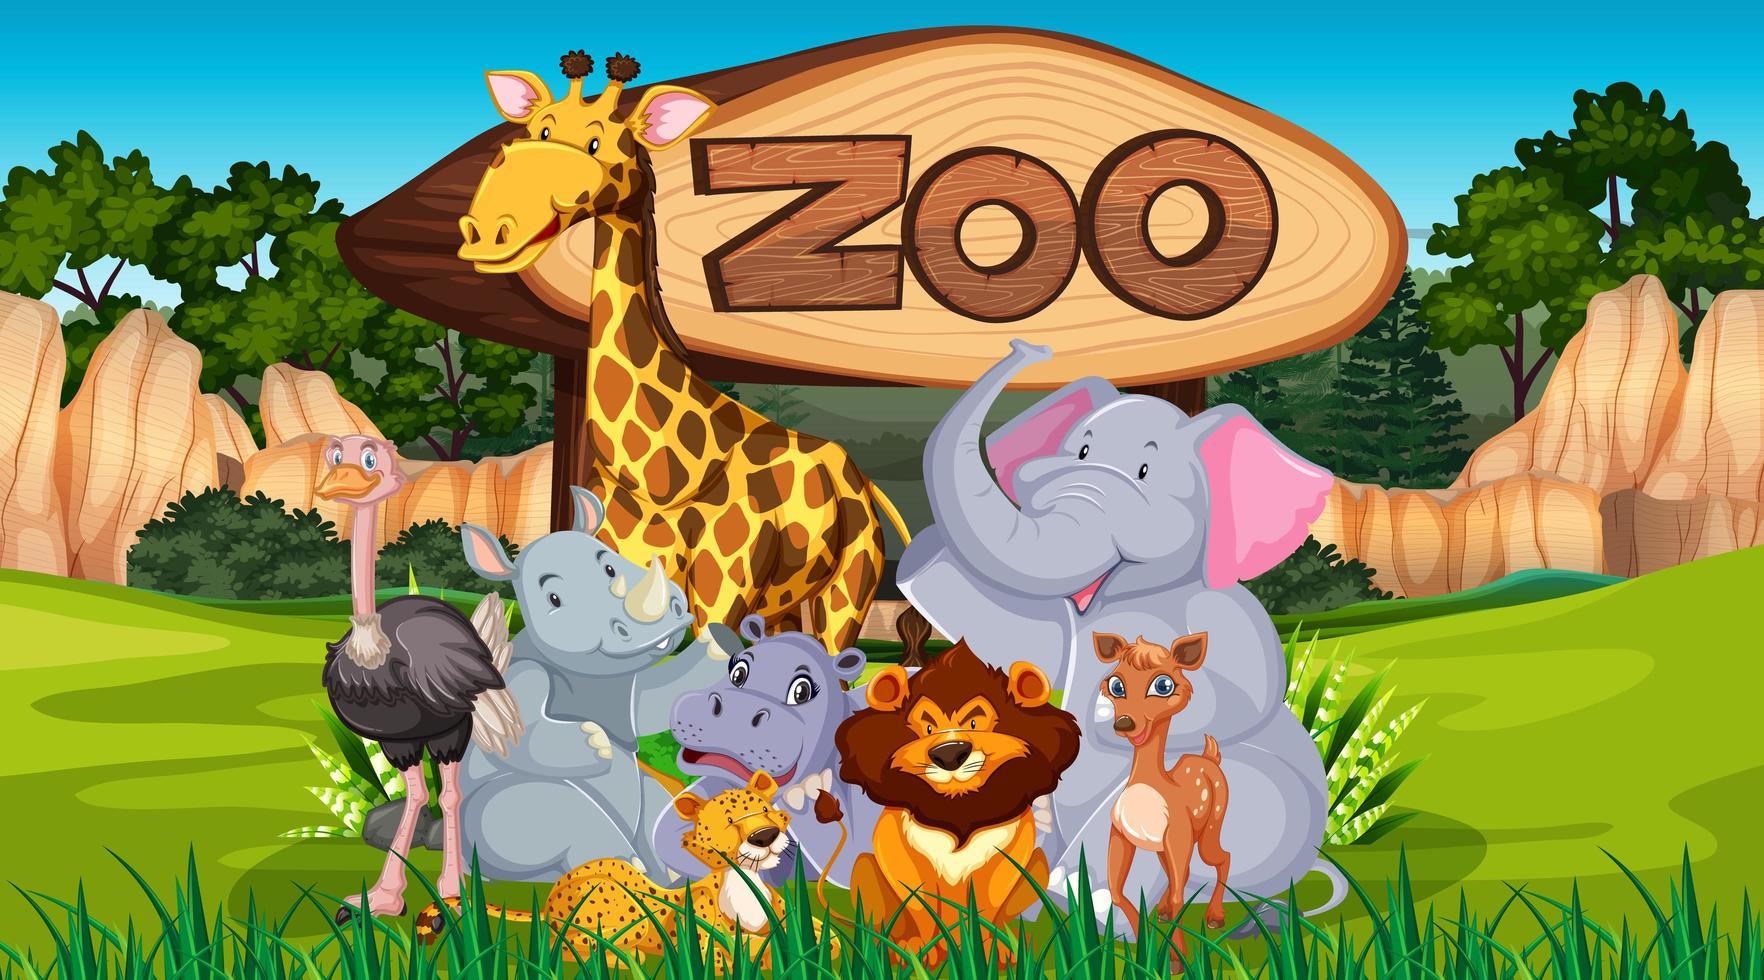 Zootiere in freier Wildbahn vektor